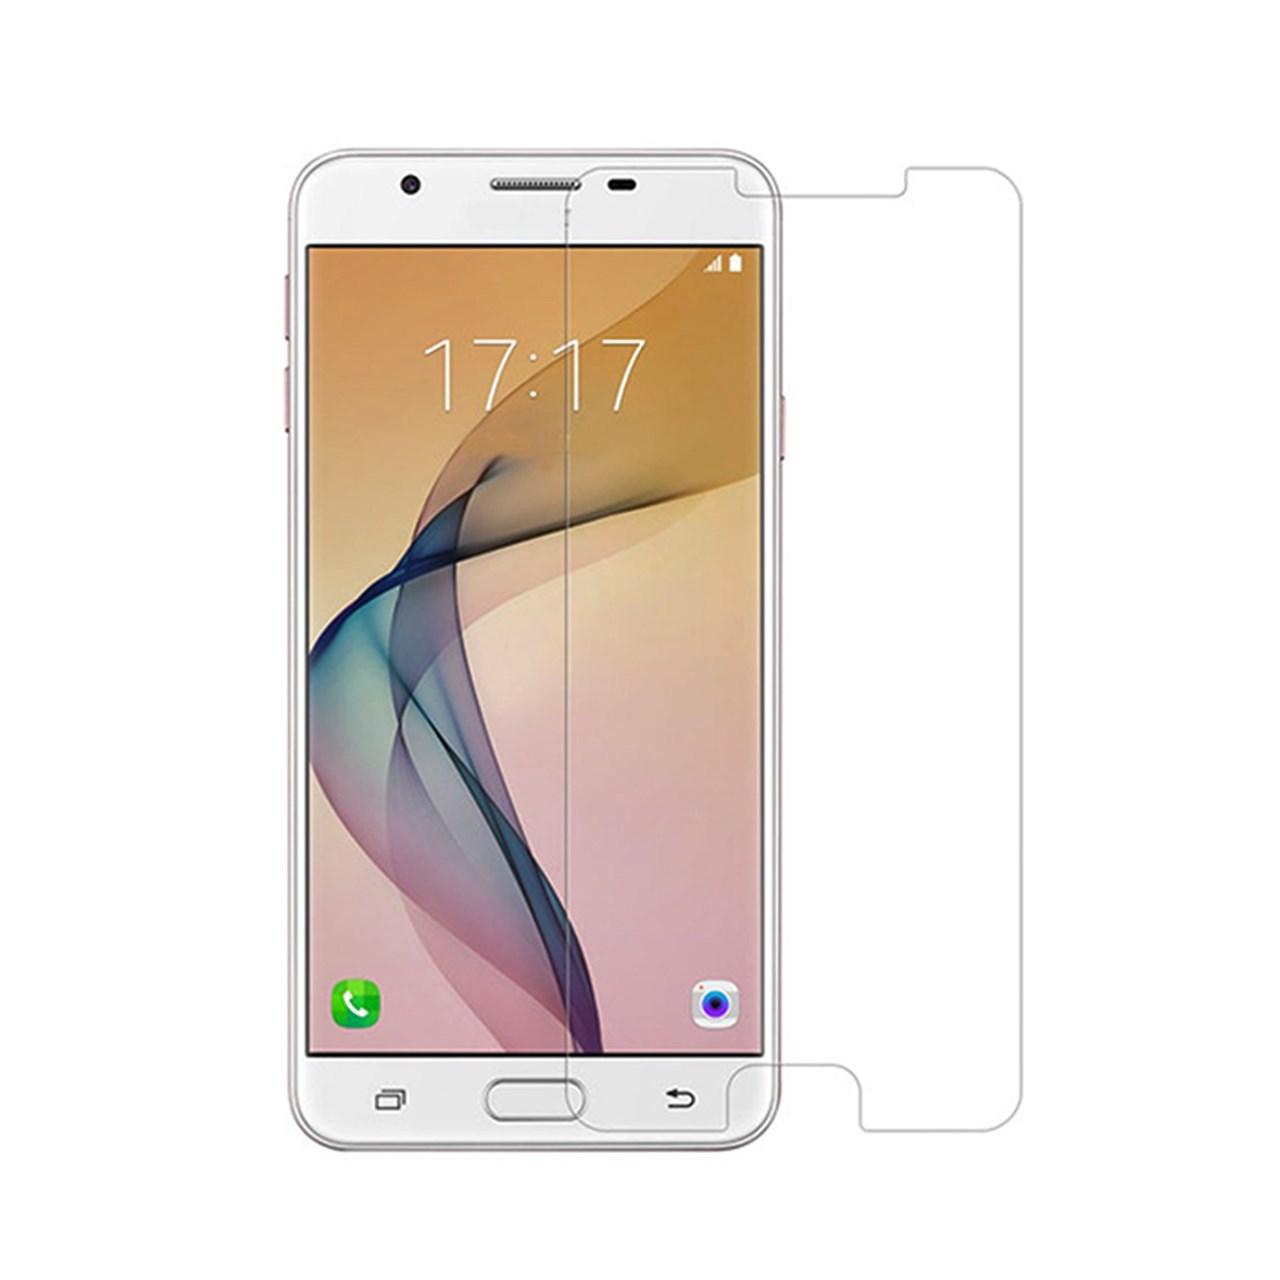 محافظ صفحه نمایش9H  مناسب برای گوشی موبایل سامسونگ Galaxy J5 Prime